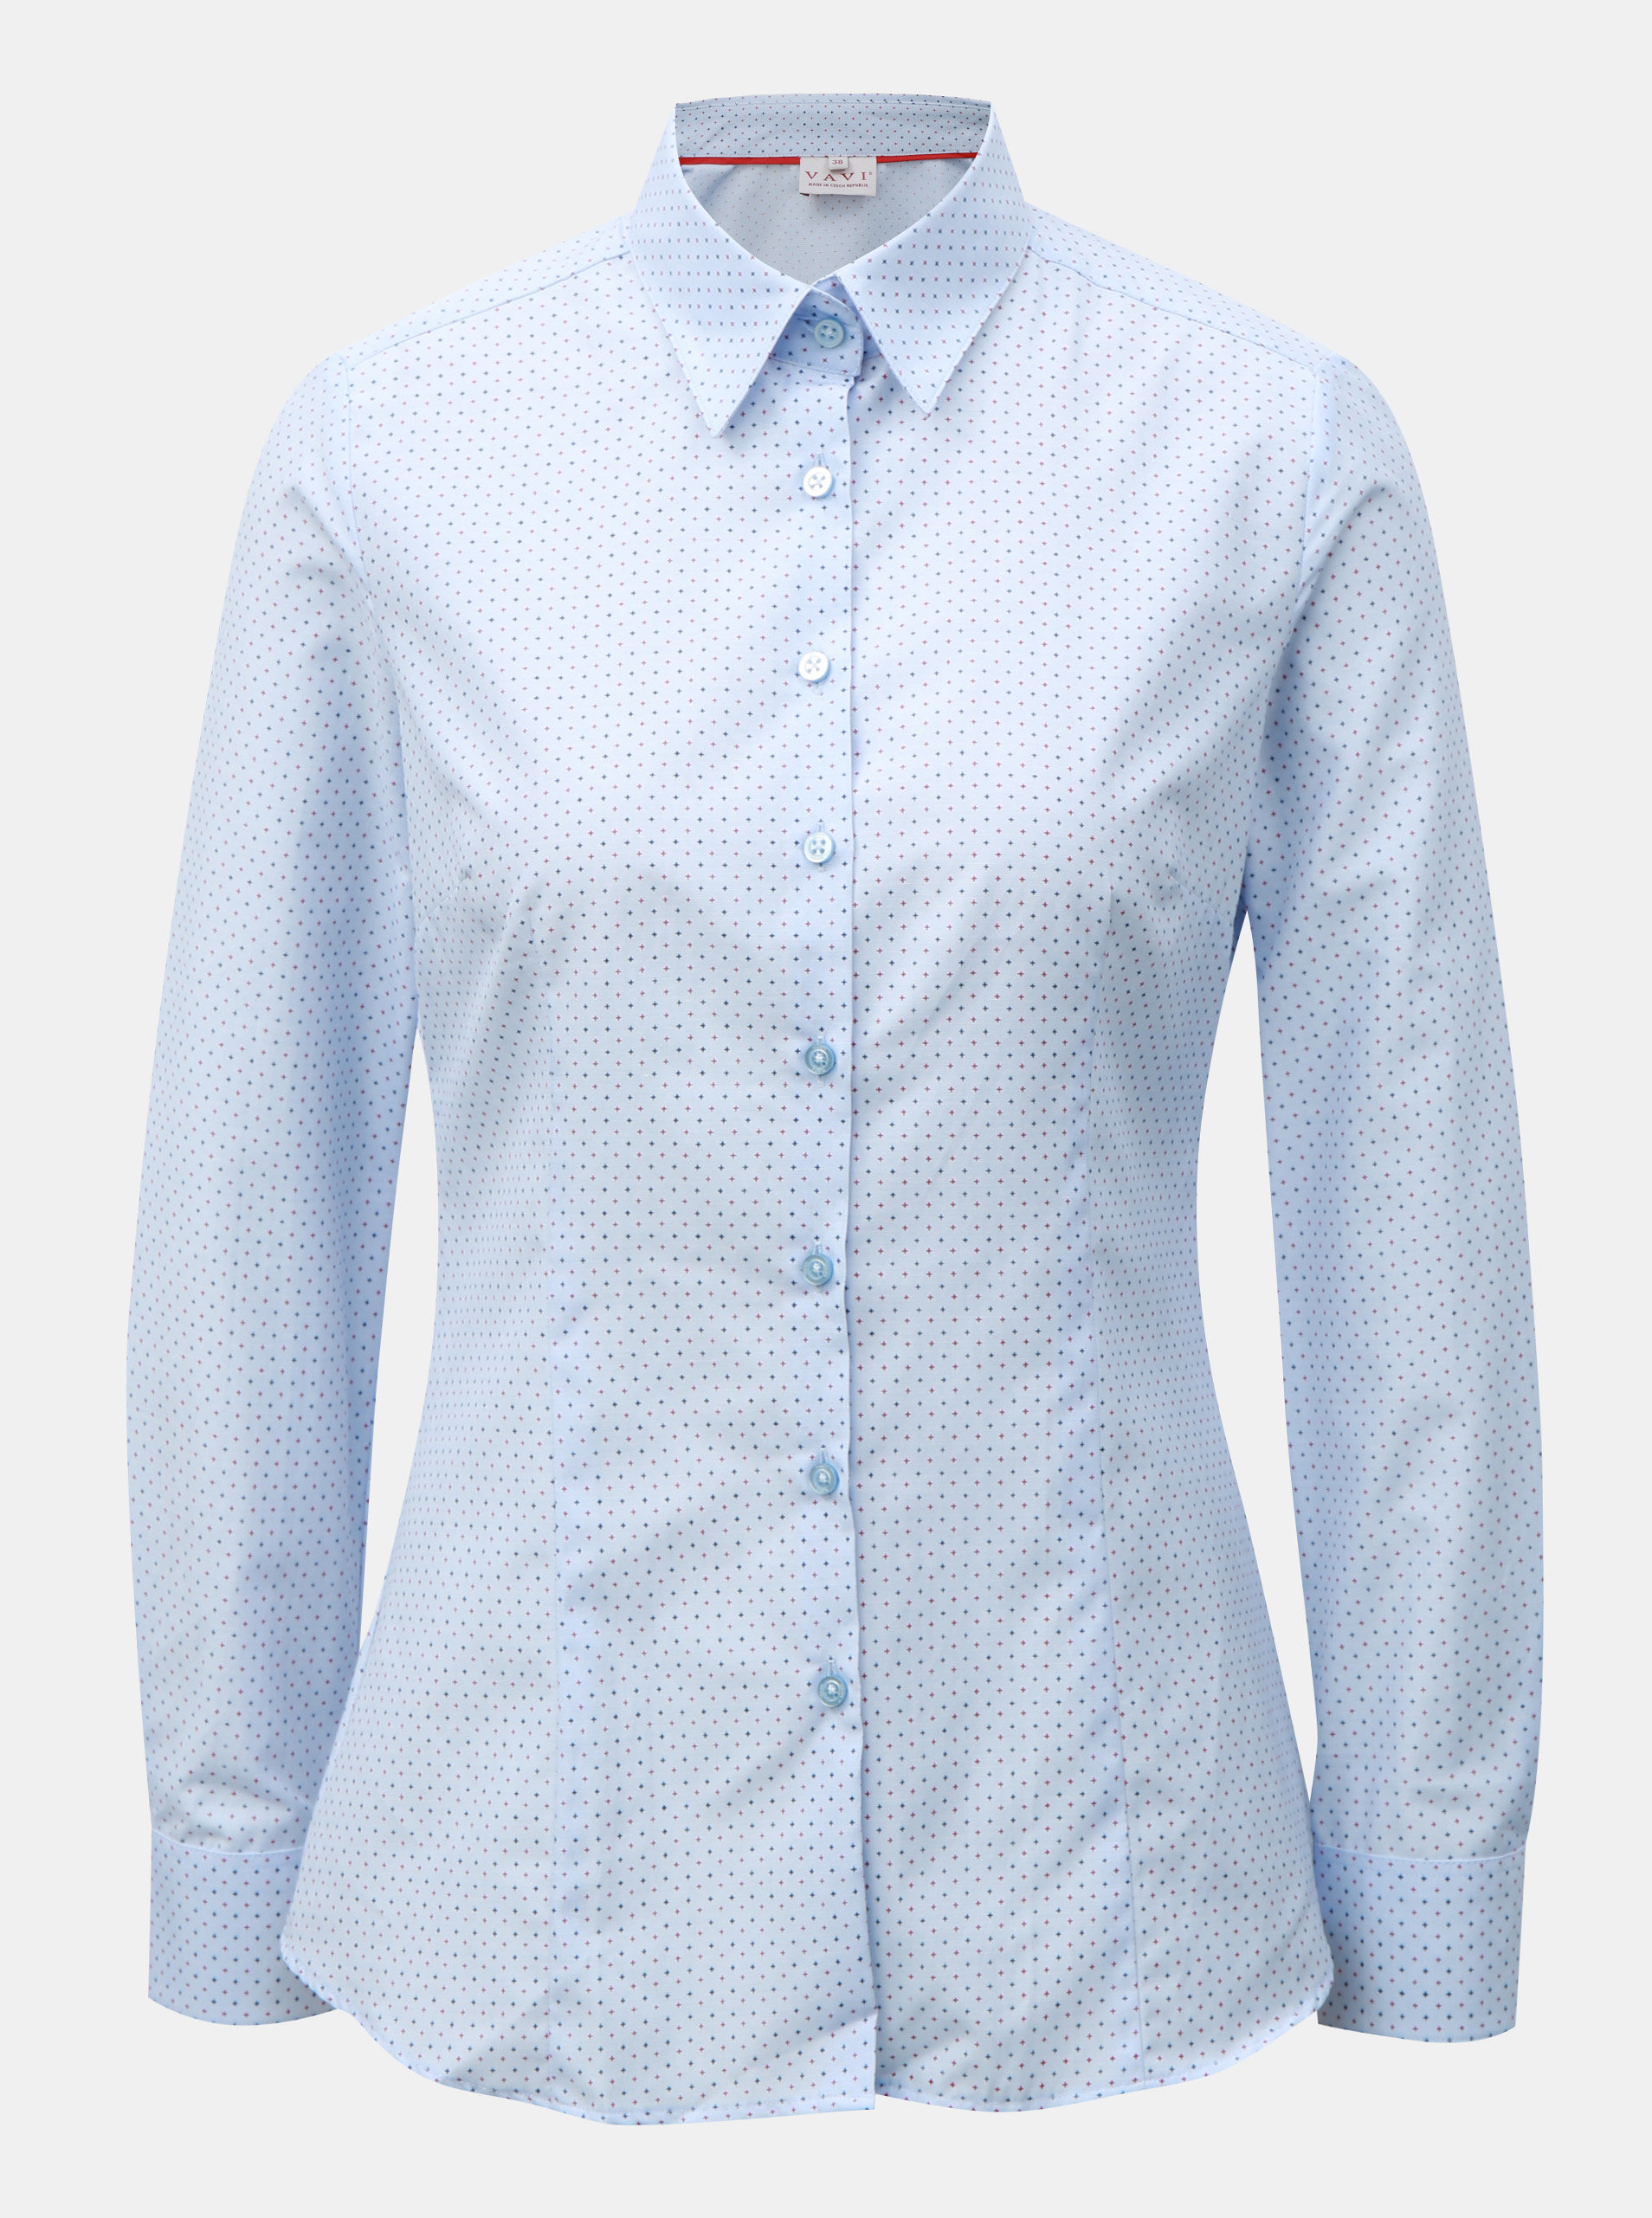 adf1c4c68a2 Světle modrá dámská košile s drobným vzorem VAVI ...